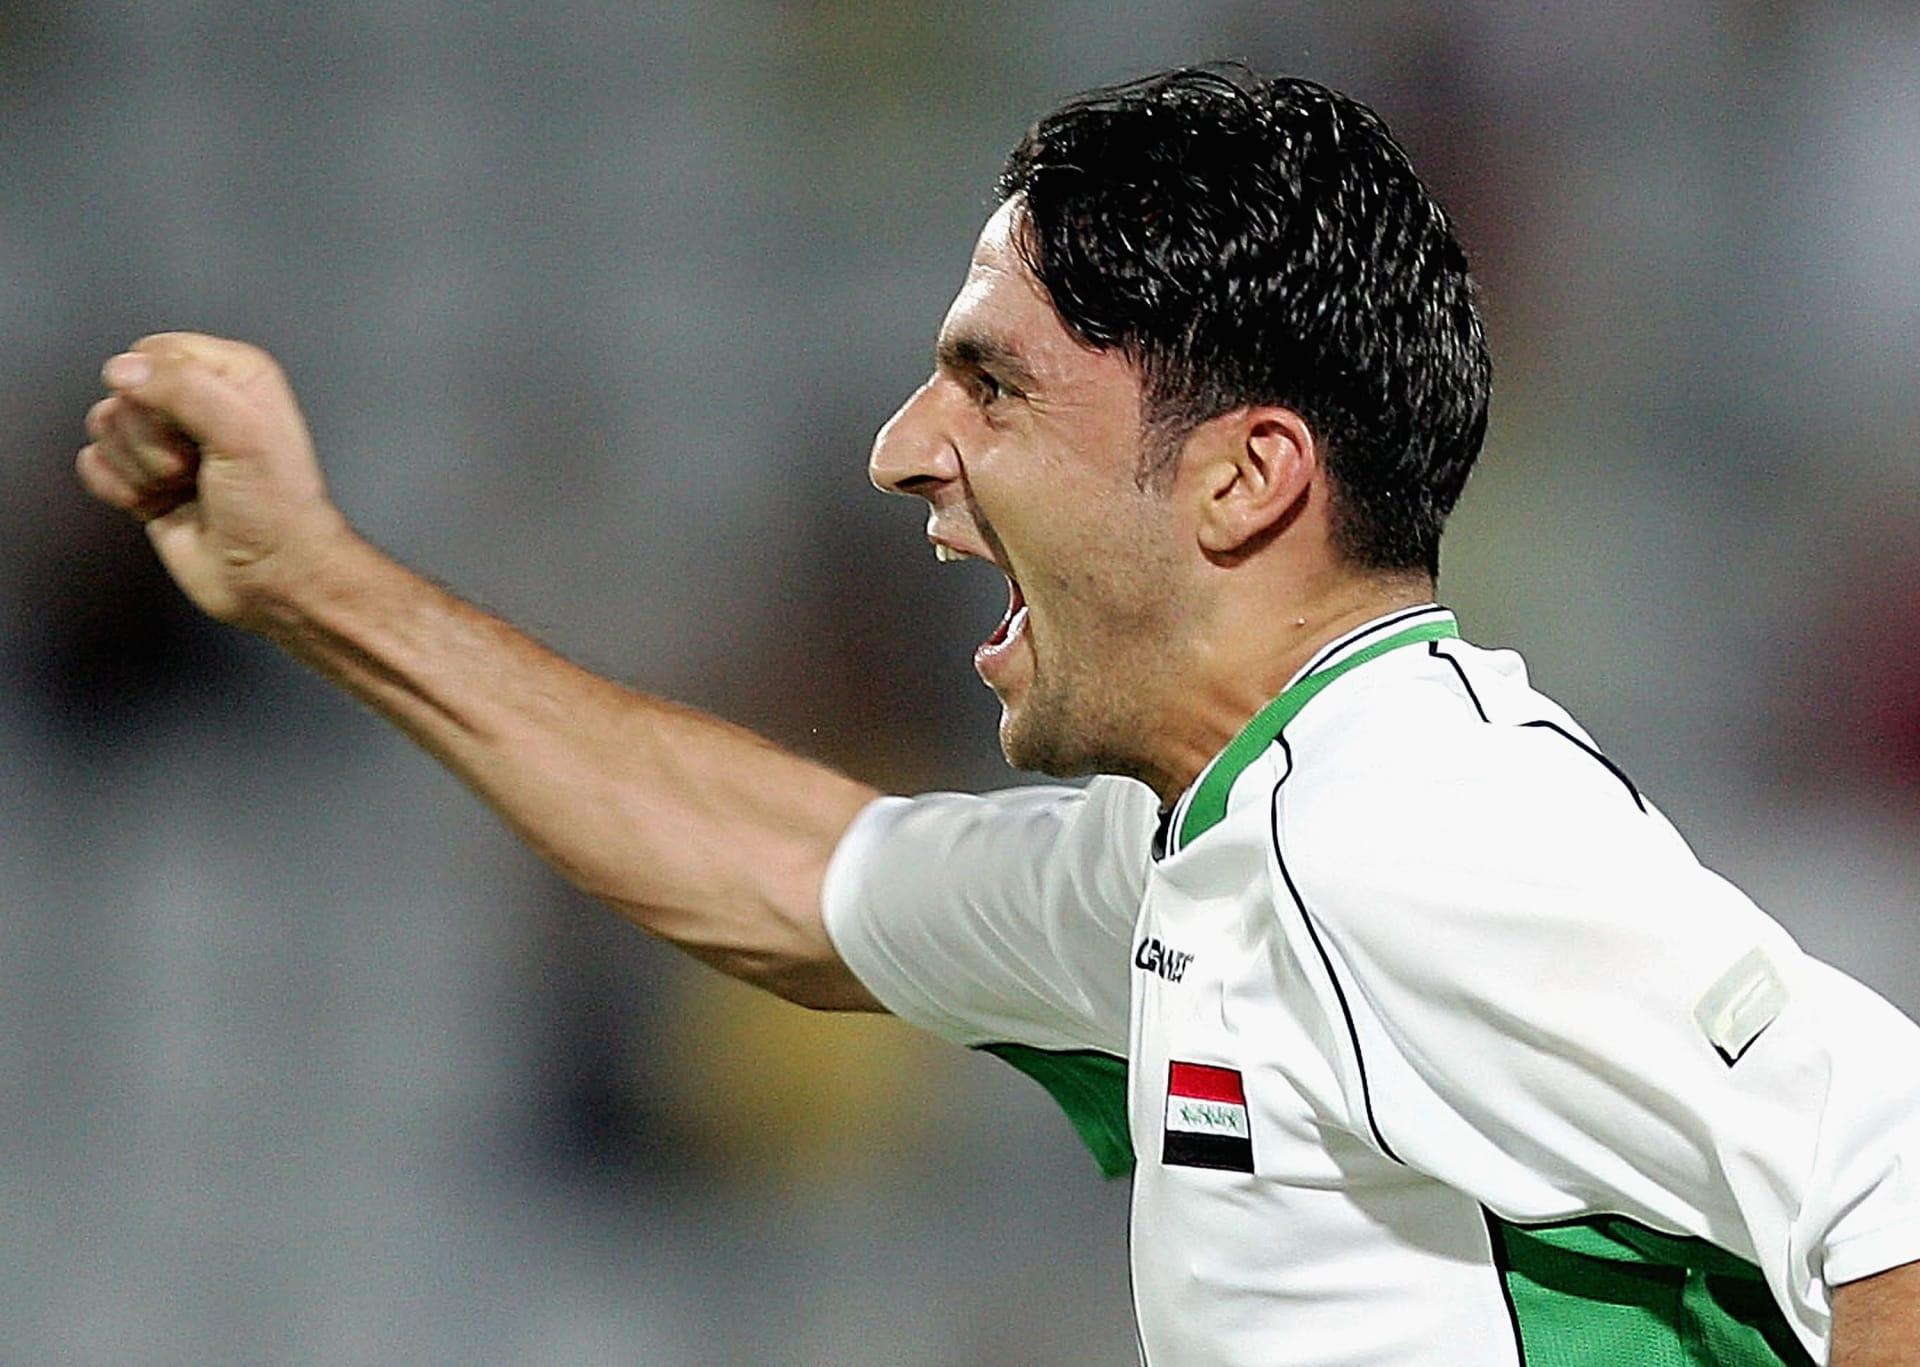 لاعب منتخب العراق سابقا يكشف حقيقة تعرضه لحادث سير ويدحض شائعة وفاته